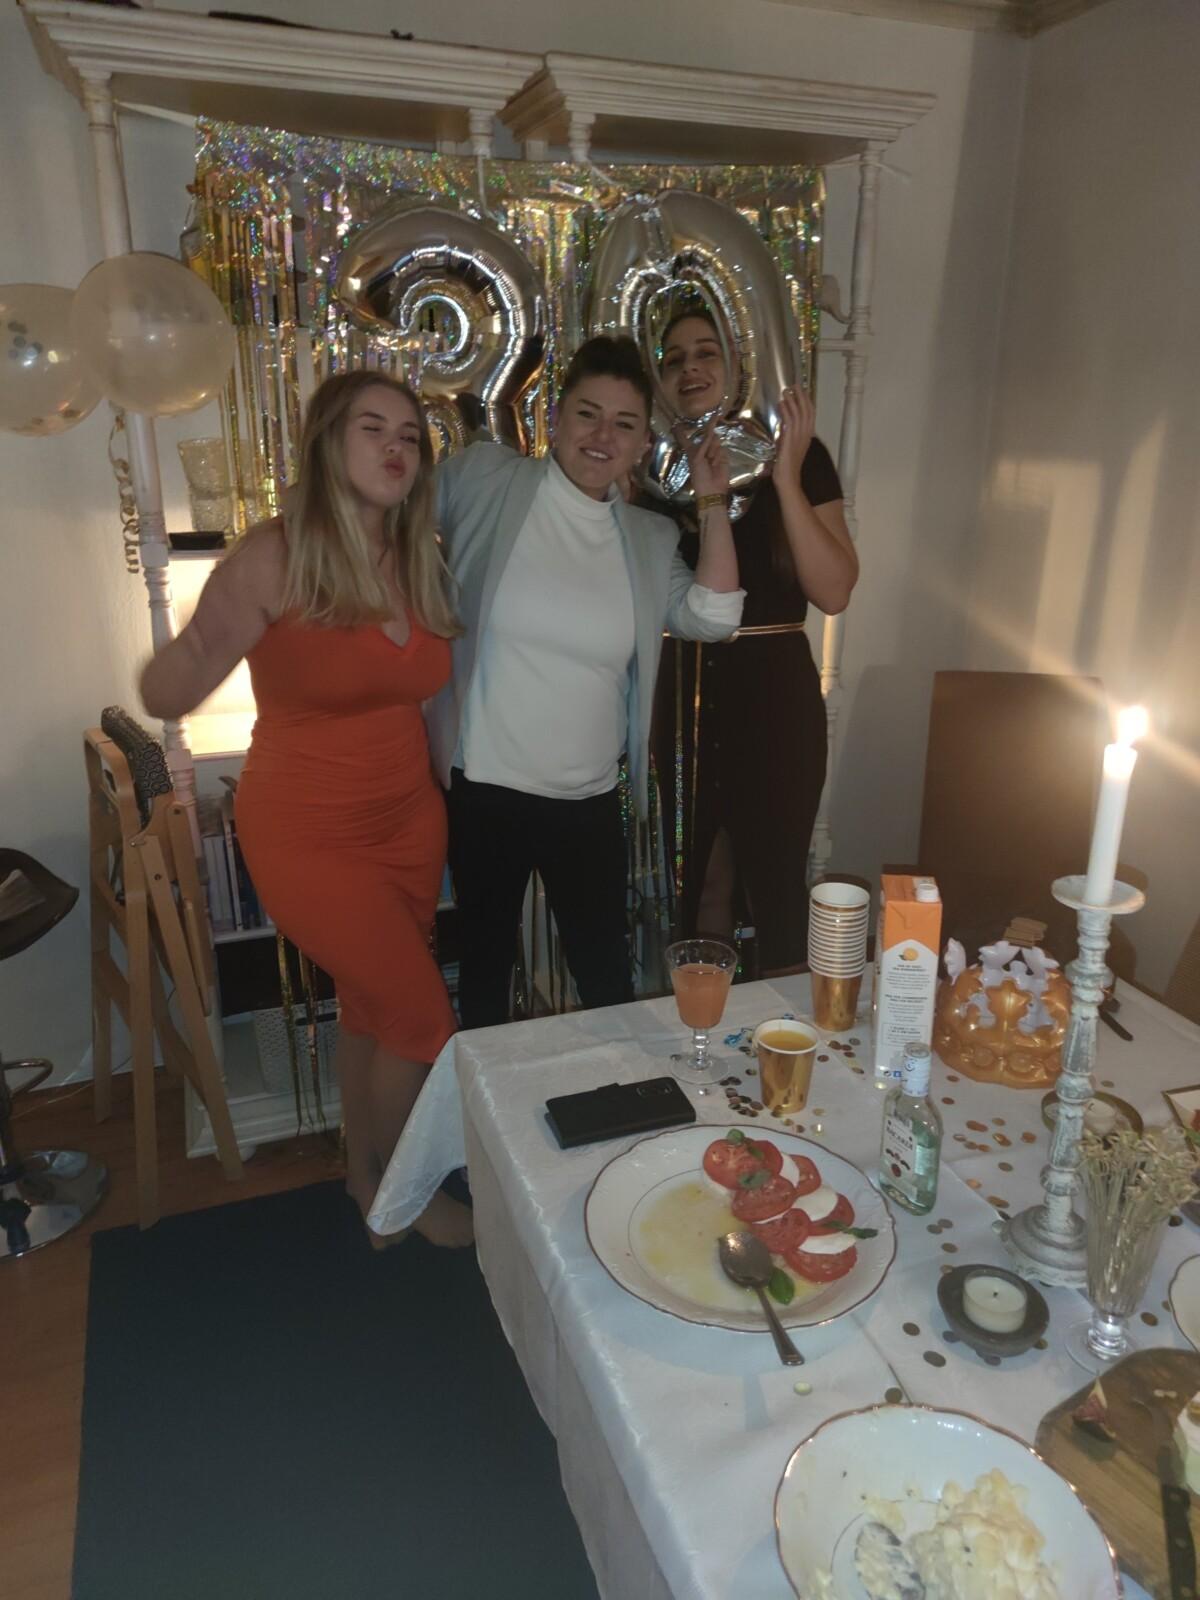 bursdag-30årsdag-bursdagselskap-30år-isalicious-isalicious1-look-sminke-antrekk-venner-30årslag-supriseparty-party-bestevenner-lykkelig-isalicious.blogg (1)